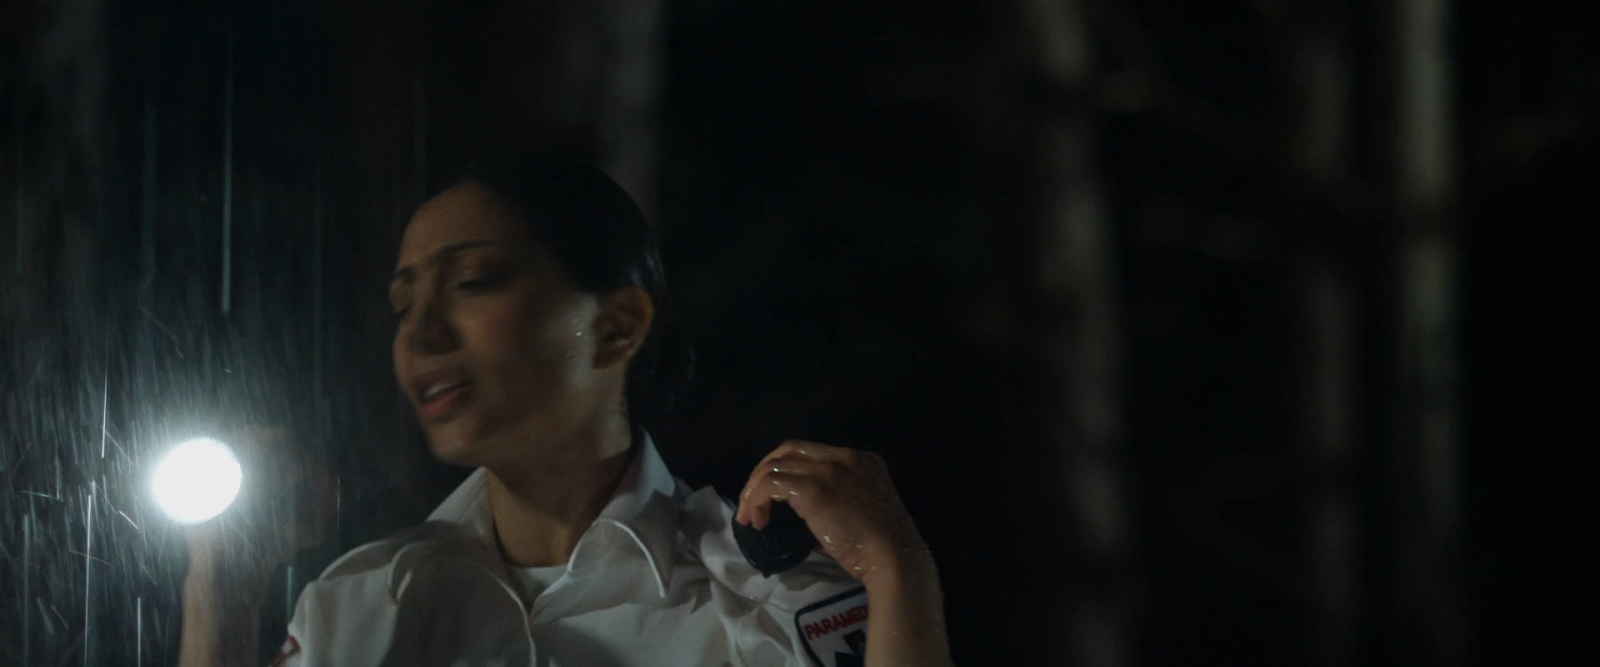 The Monster (2016) BRRip 720p Latino – Ingles captura 4